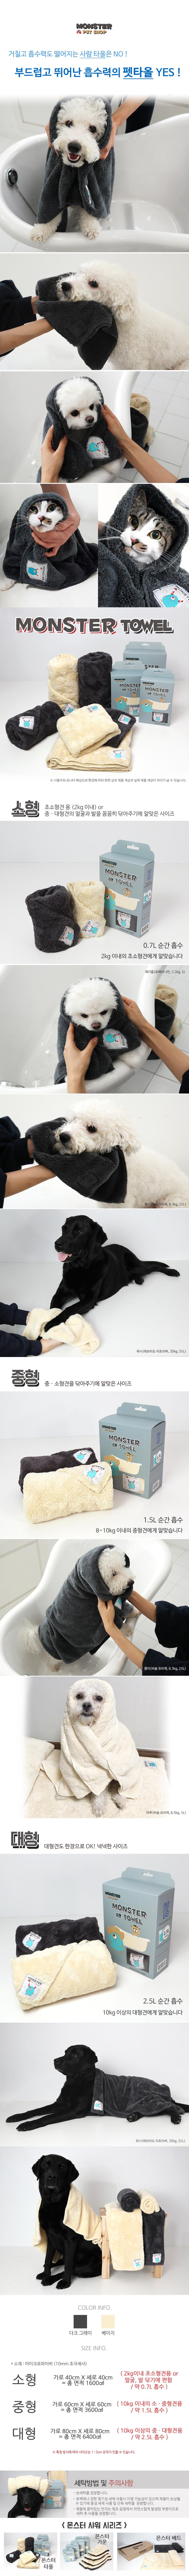 몬스터타올 강아지 고양이 목욕 수건 펫타올 - 초코펫하우스, 9,000원, 미용/목욕용품, 건조기/타월